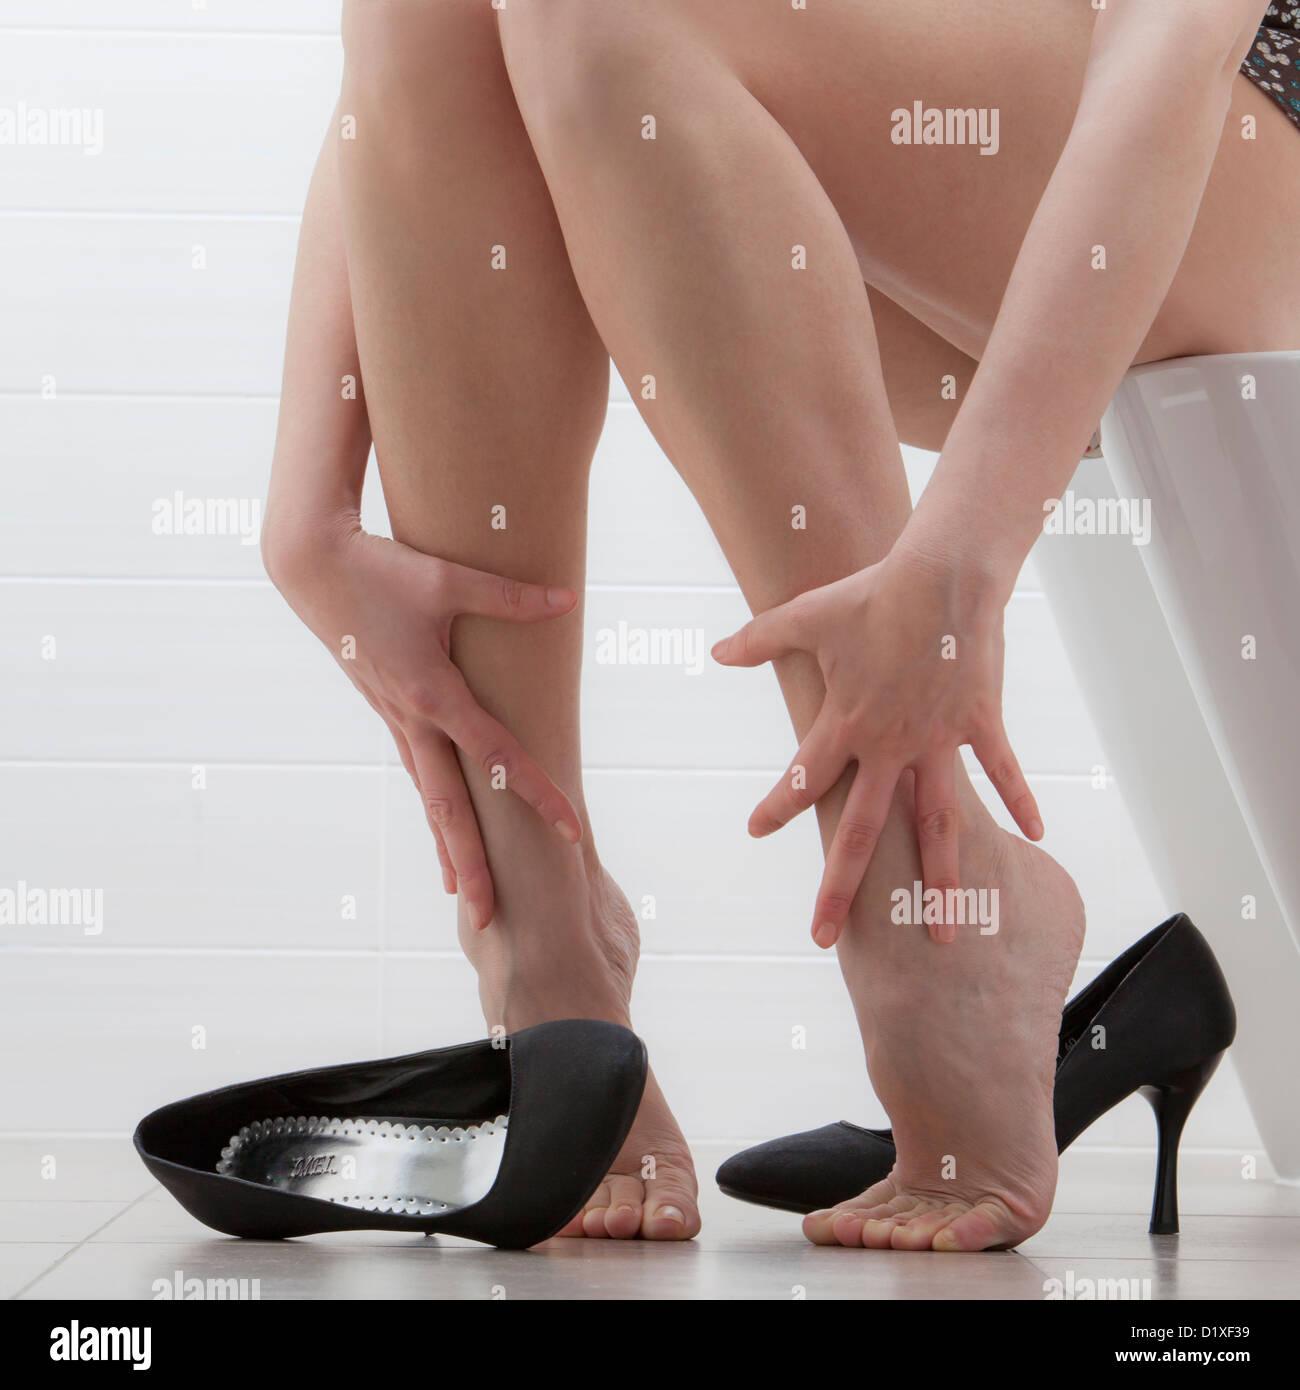 Femme assise sans chaussures frotte les chevilles Banque D'Images